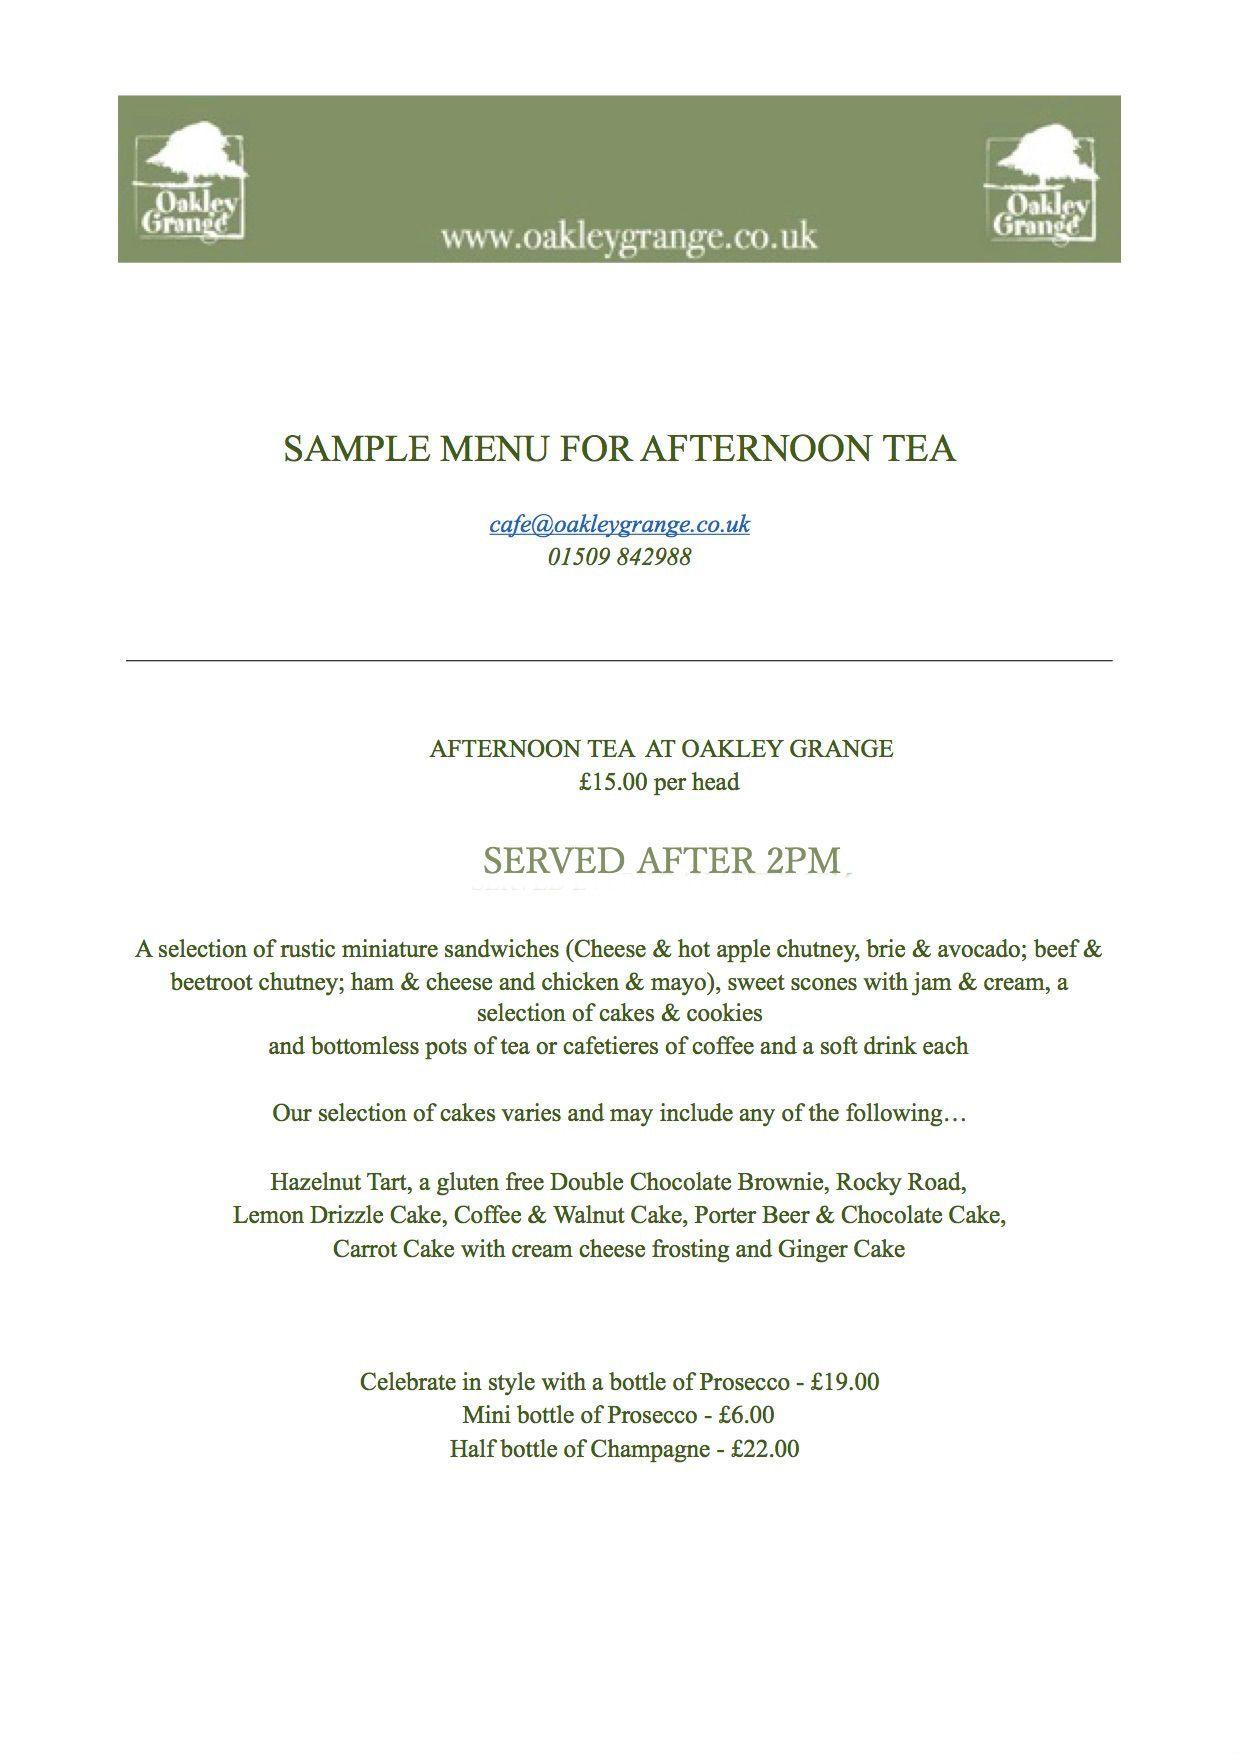 Sample Menu for Afternoon Tea at Oakley Grange